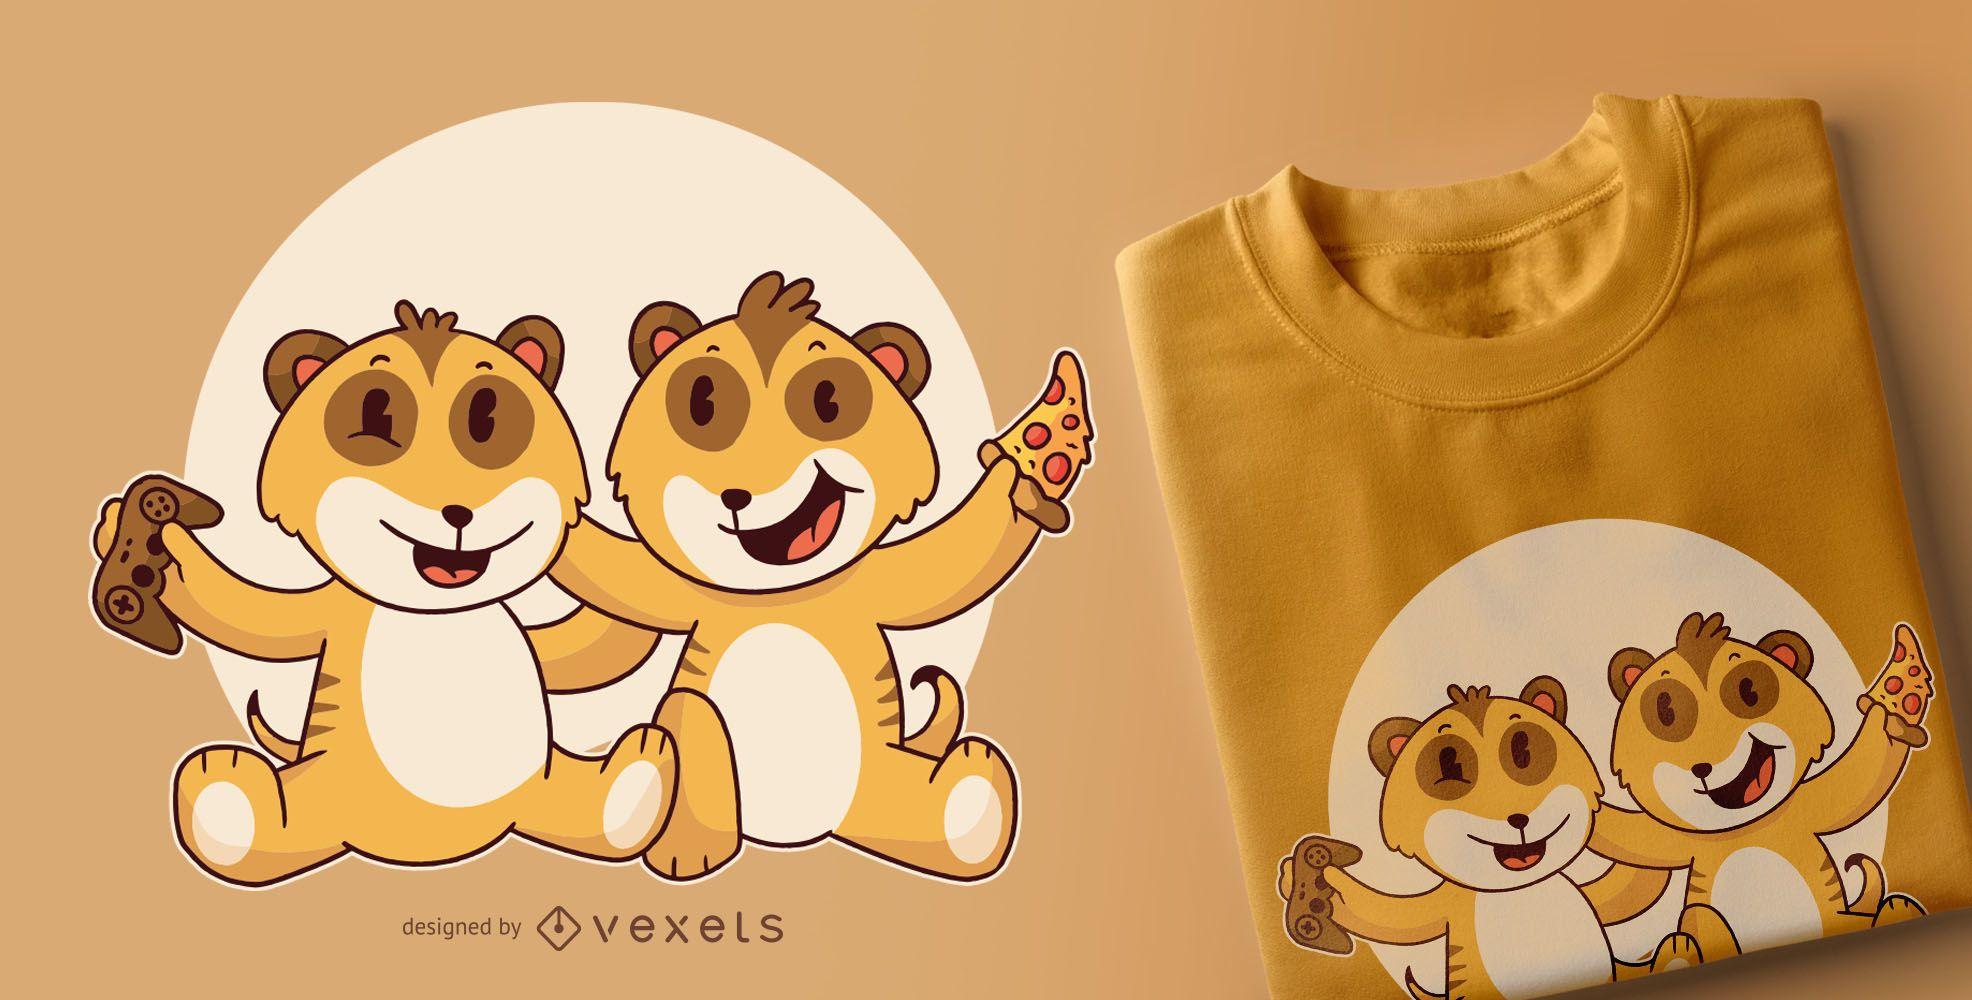 Baby meerkats t-shirt design